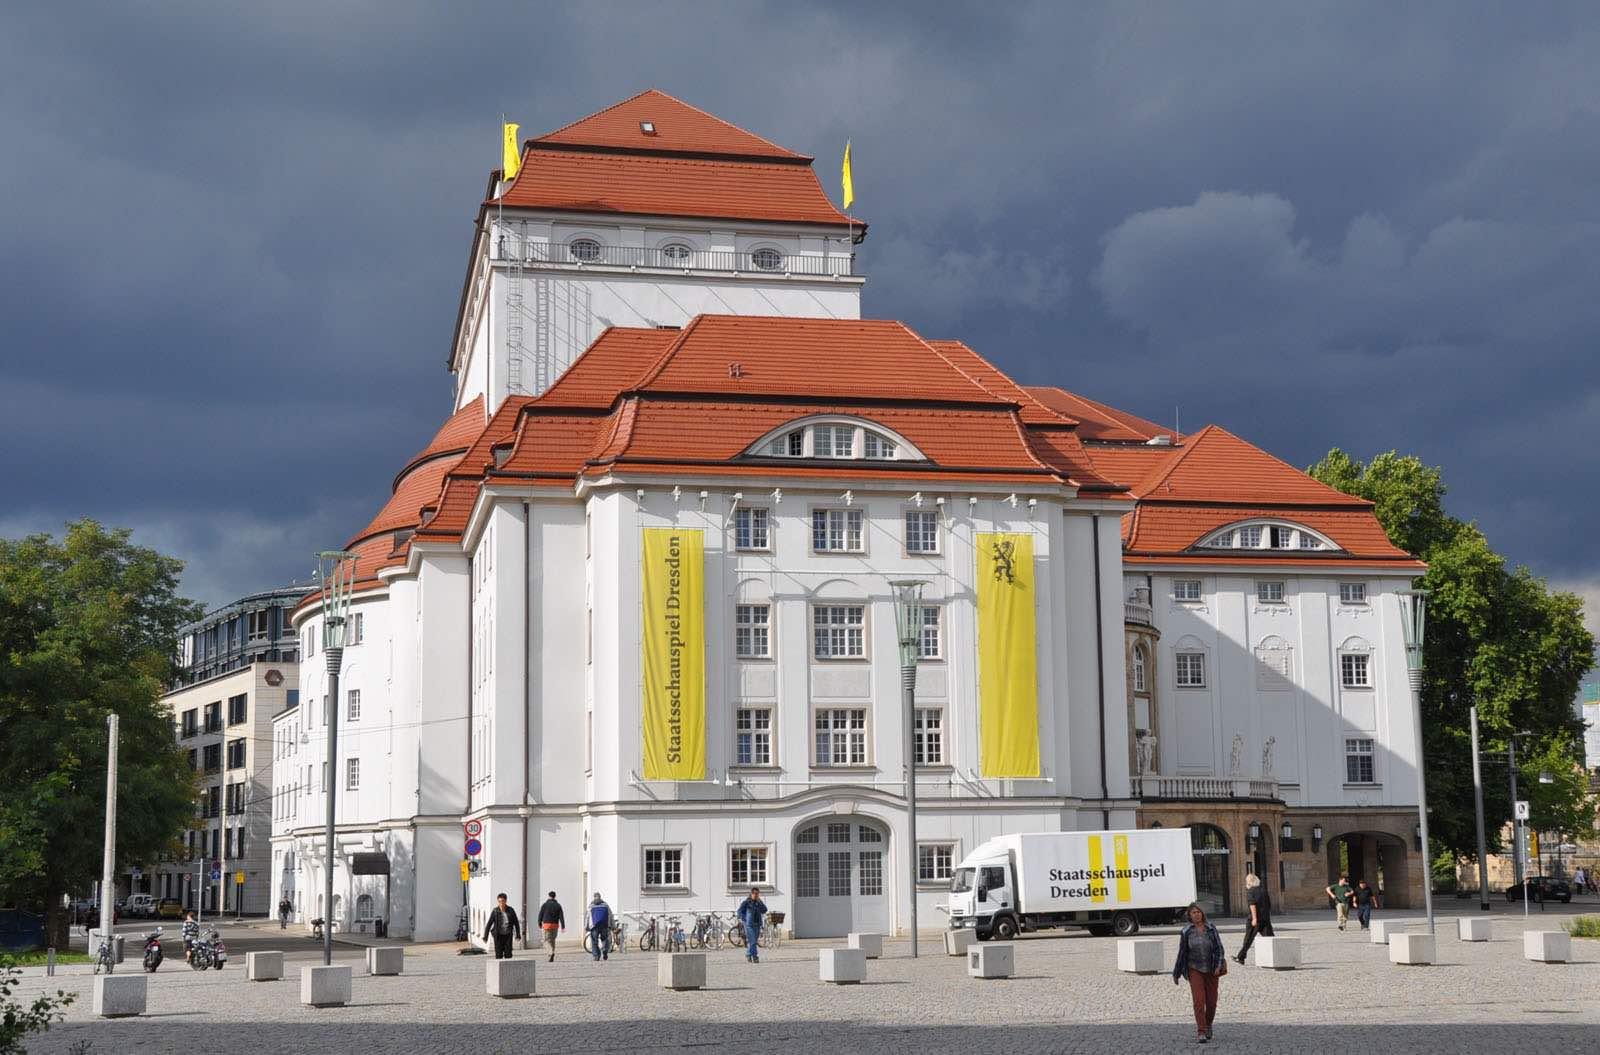 Schauspielhaus vom Postplatz Dresden aus gesehen